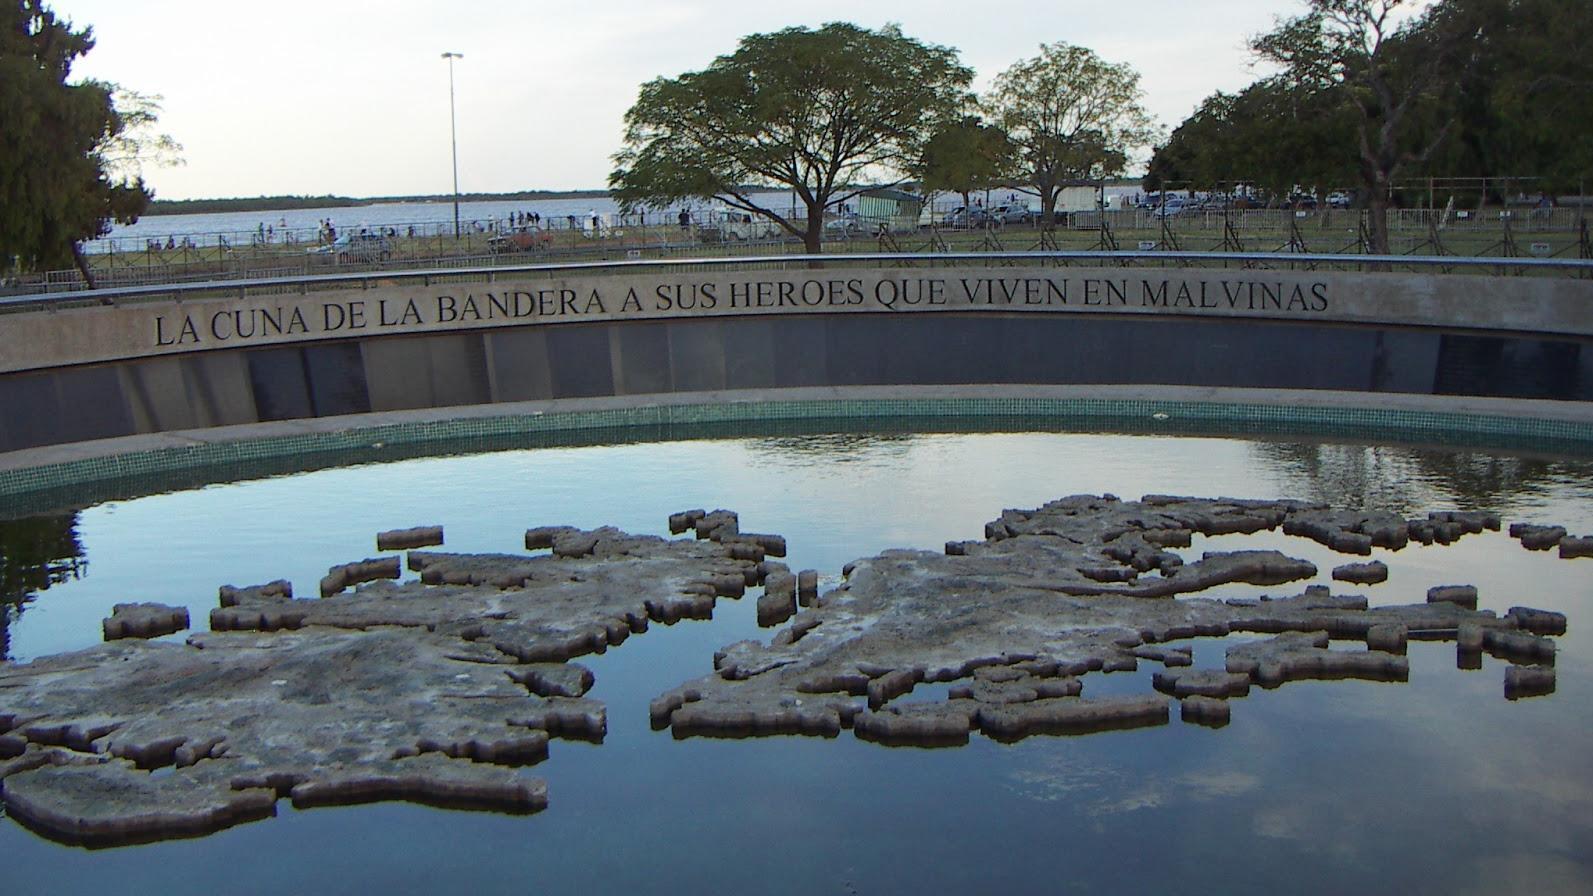 Hasta ahora, el monumento junto al río es el único homenaje de la ciudad a los héroes.